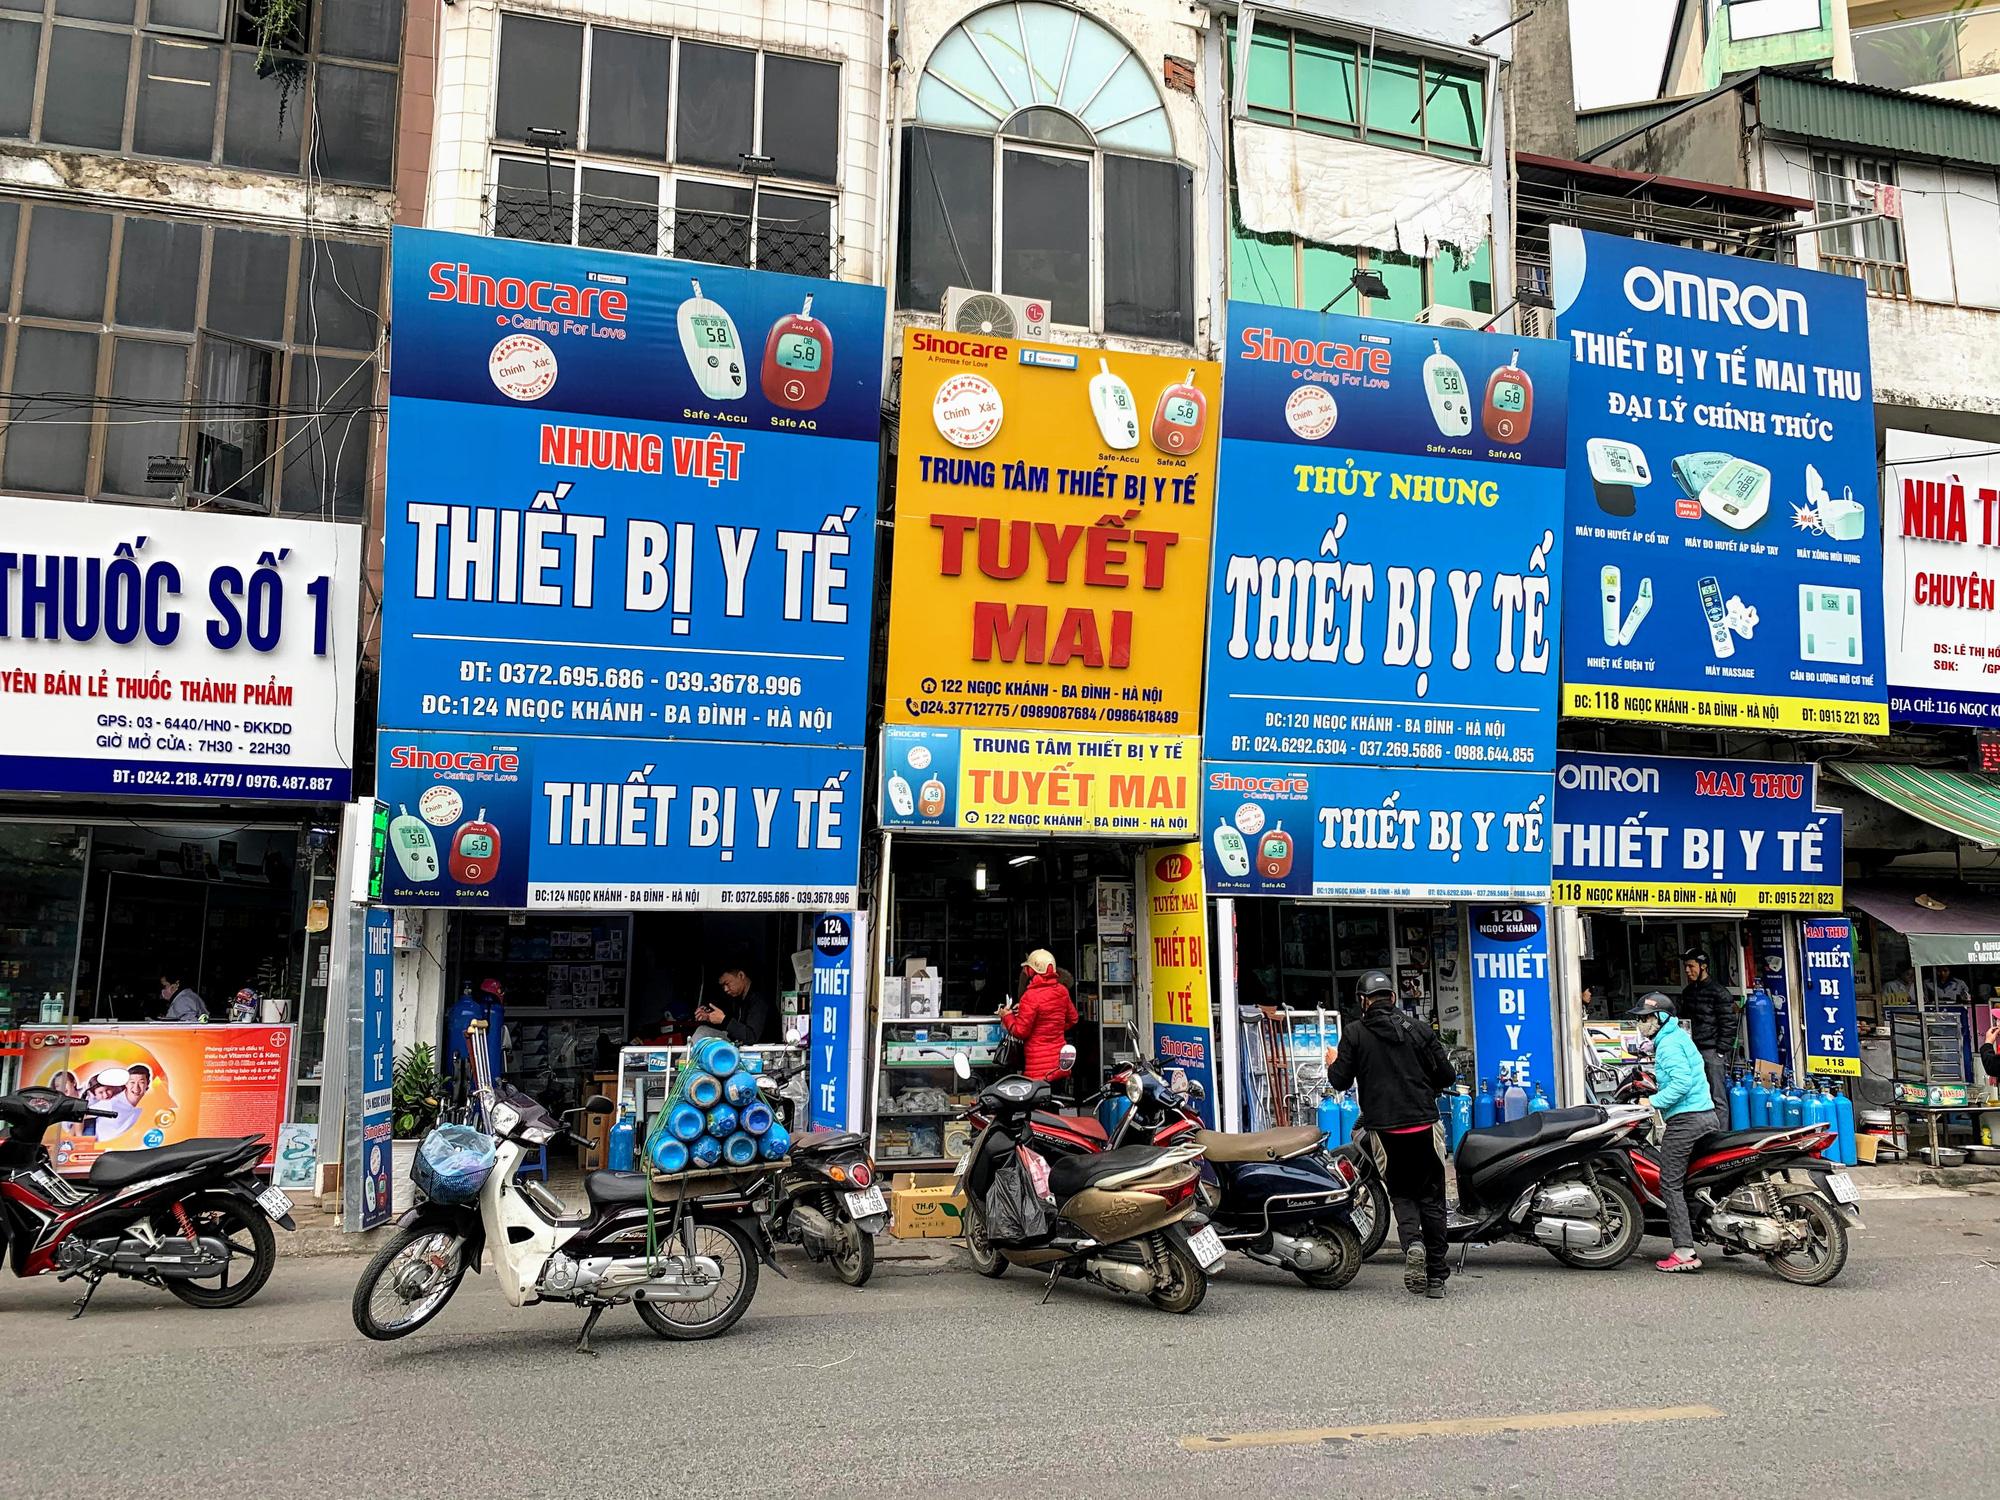 Cục trưởng Cục quản lí thị trường Hà Nội: Sẽ xử lí vụ việc chợ thuốc Hapulico đồng loạt treo biển 'không bán khẩu trang, nước rửa tay, miễn hỏi' - Ảnh 4.